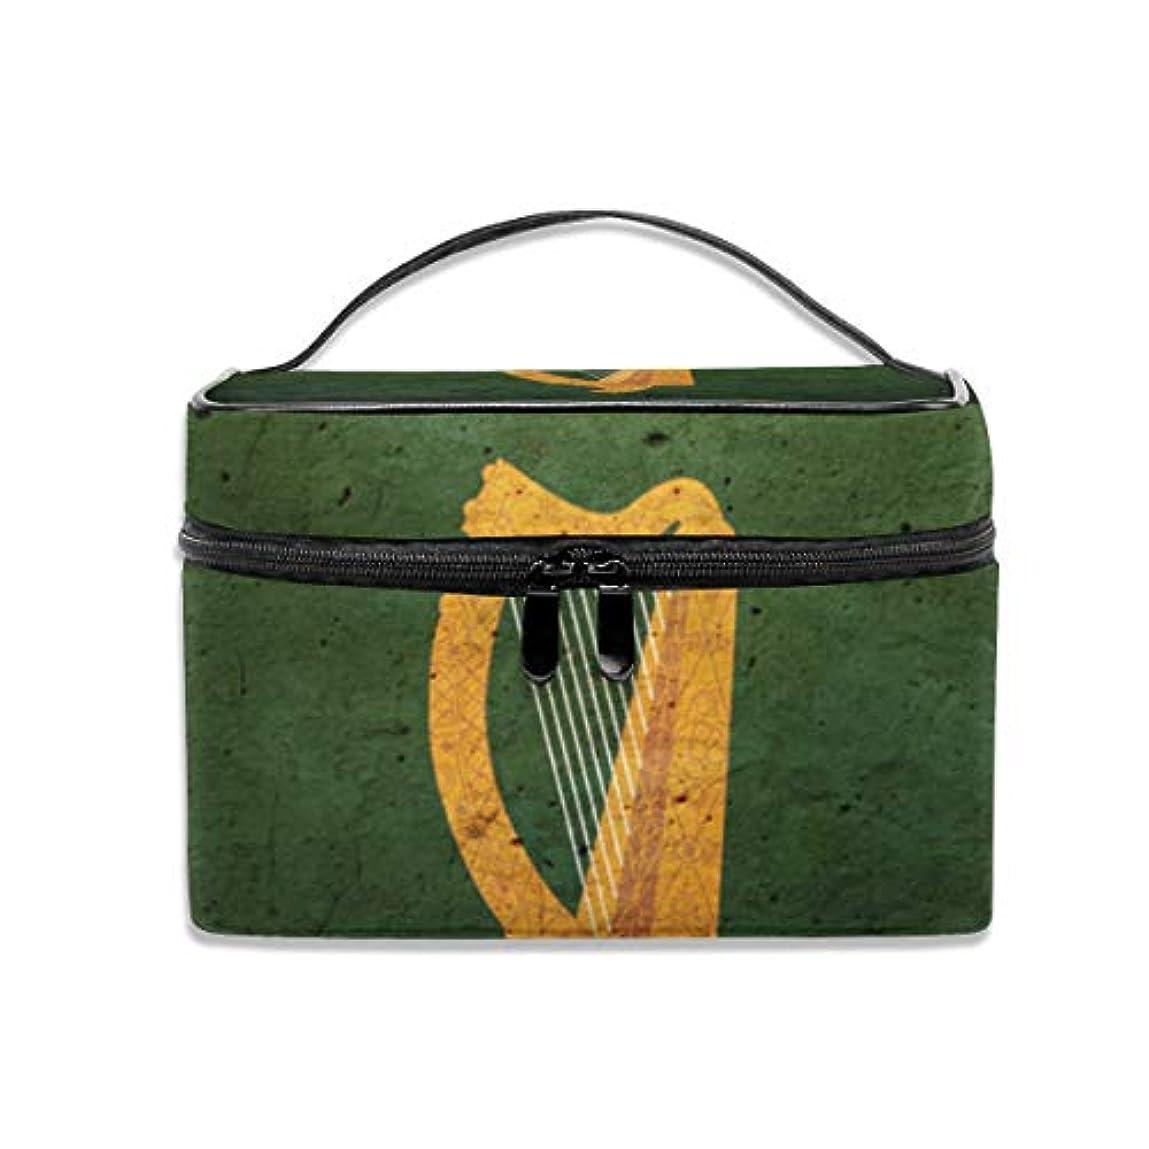 傾向がありますパトロール受賞化粧ポーチアイルランド ハープ メイクポーチ コスメバッグ 収納 雑貨大容量 小物入れ 旅行用